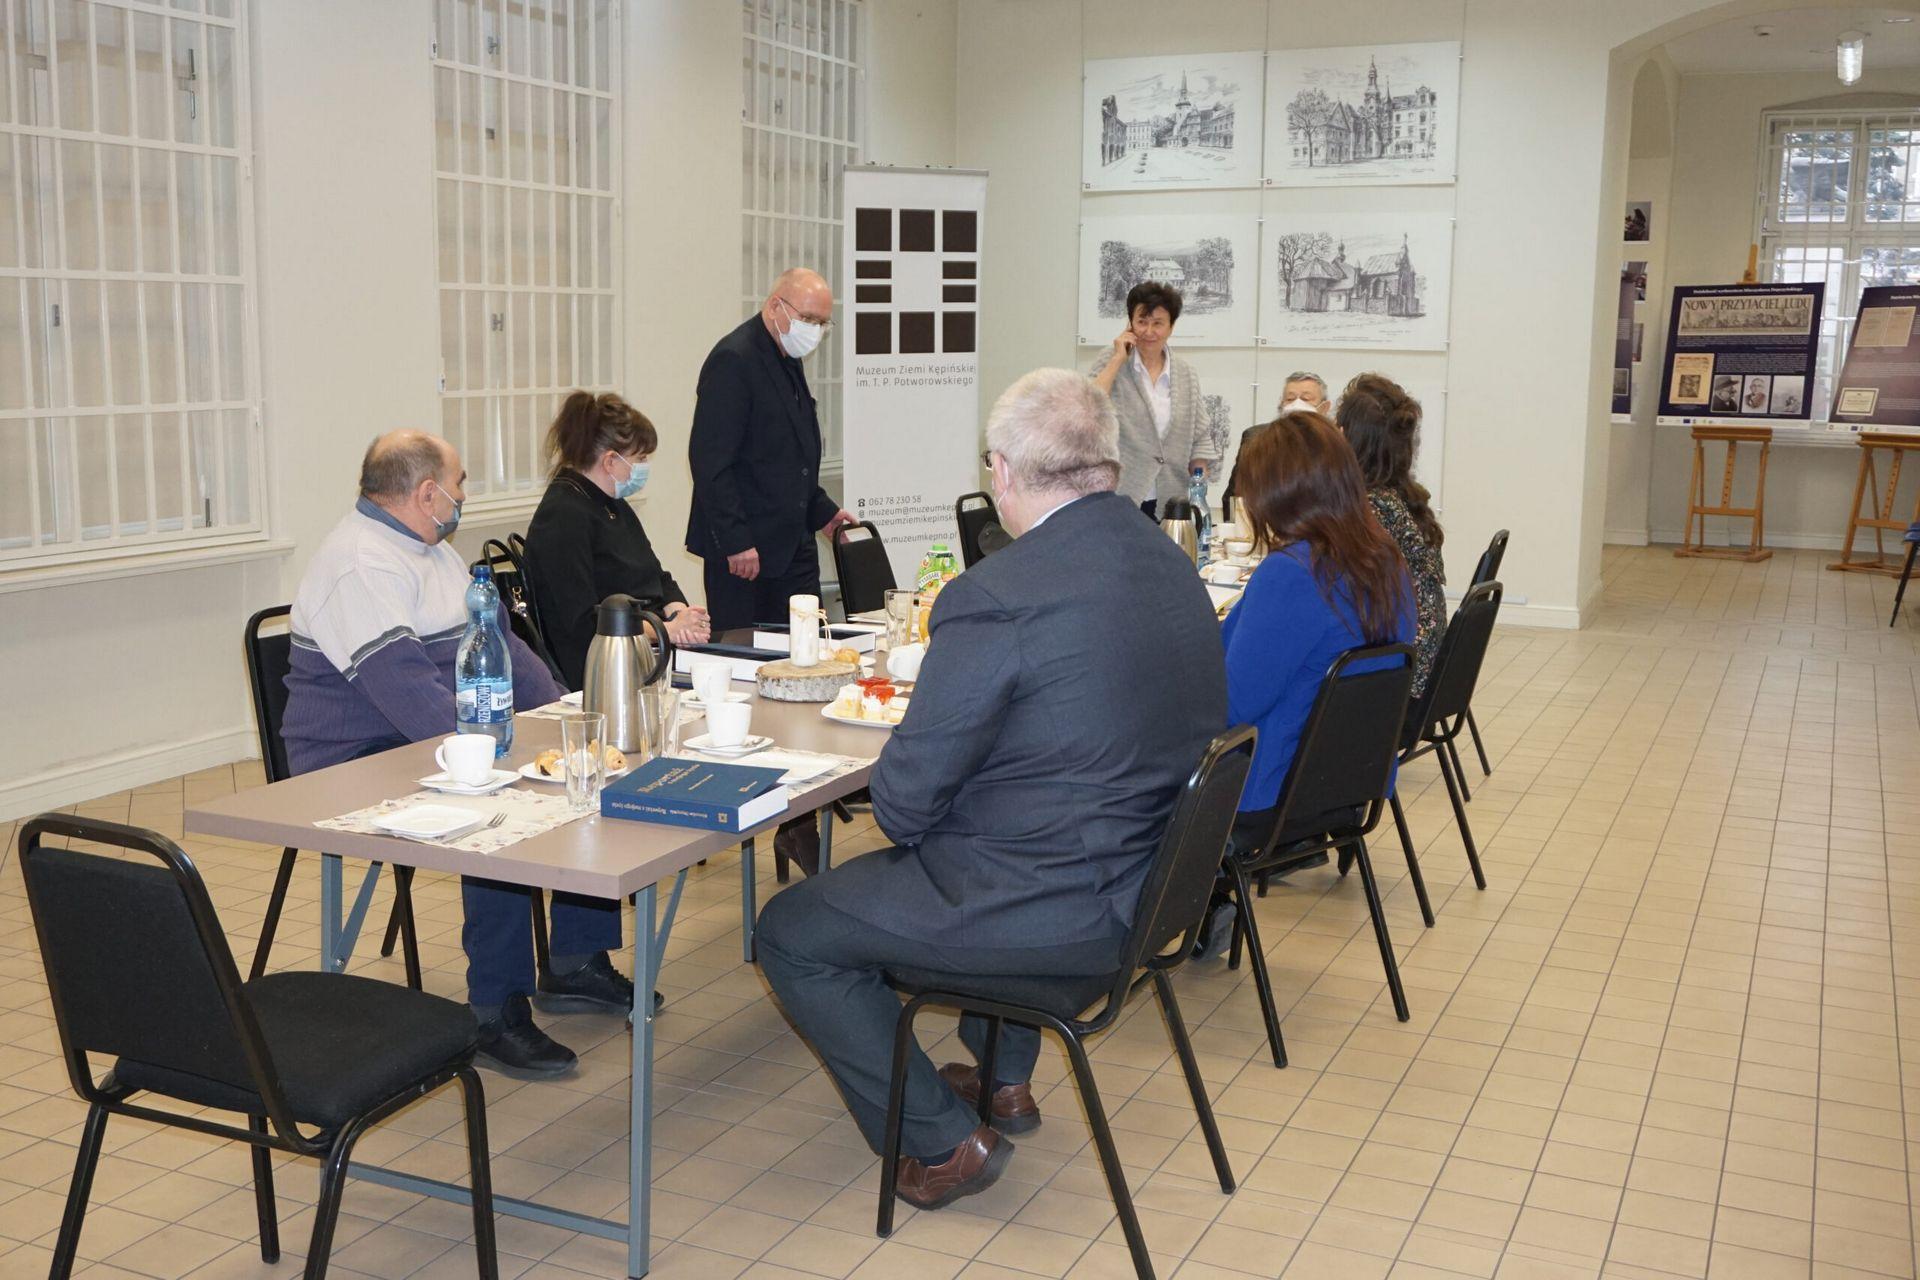 Spotkanie promocyjne publikacji przy stole siedzą zaproszeni goście w sali wystaowej